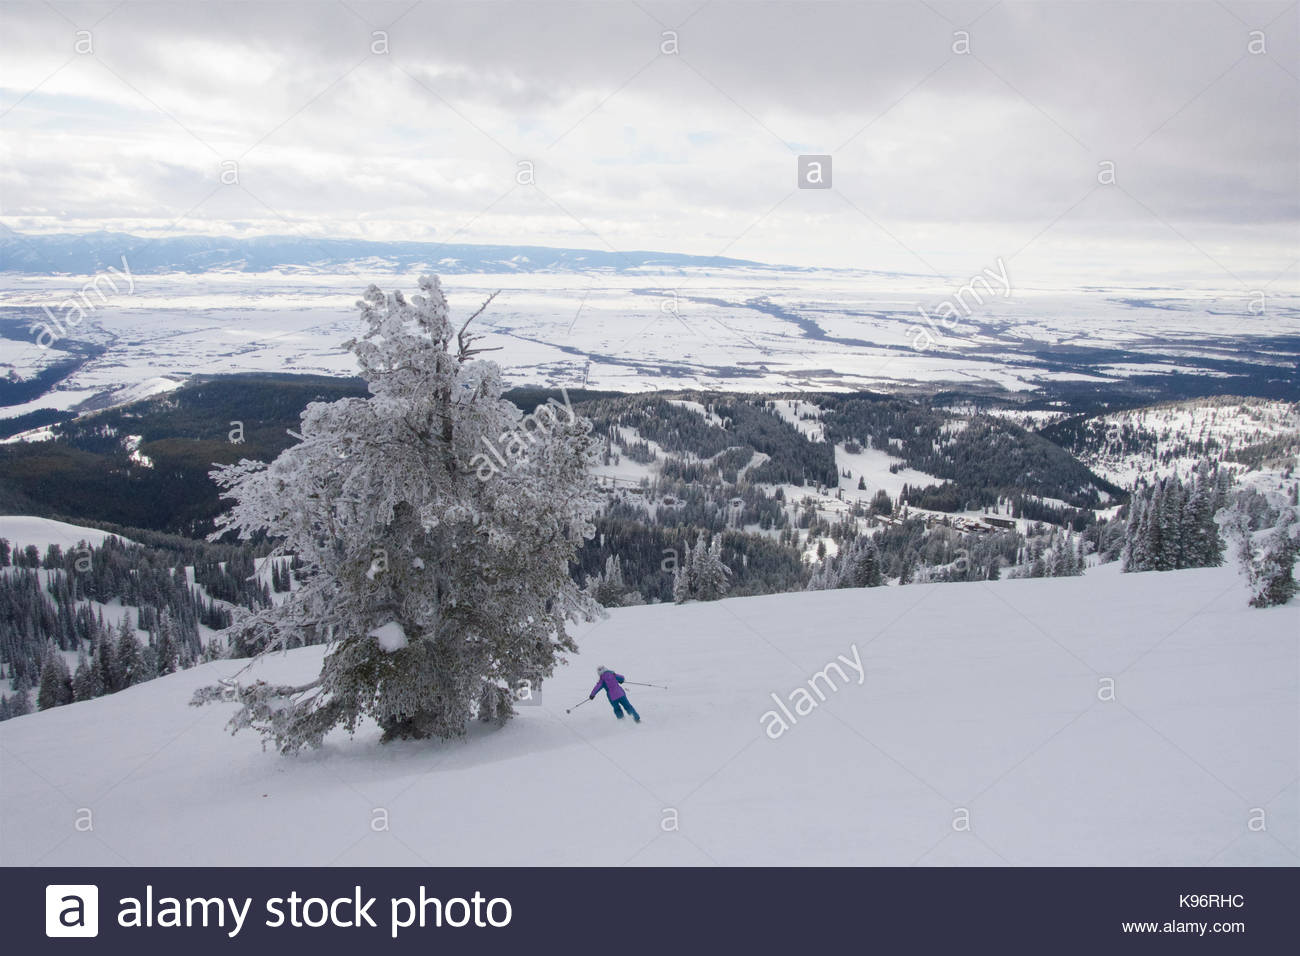 Ein jugendlich Mädchen Skifahren in der Nähe von Rauhreif bedeckt Bäume an einem bewölkten Tag. Stockbild